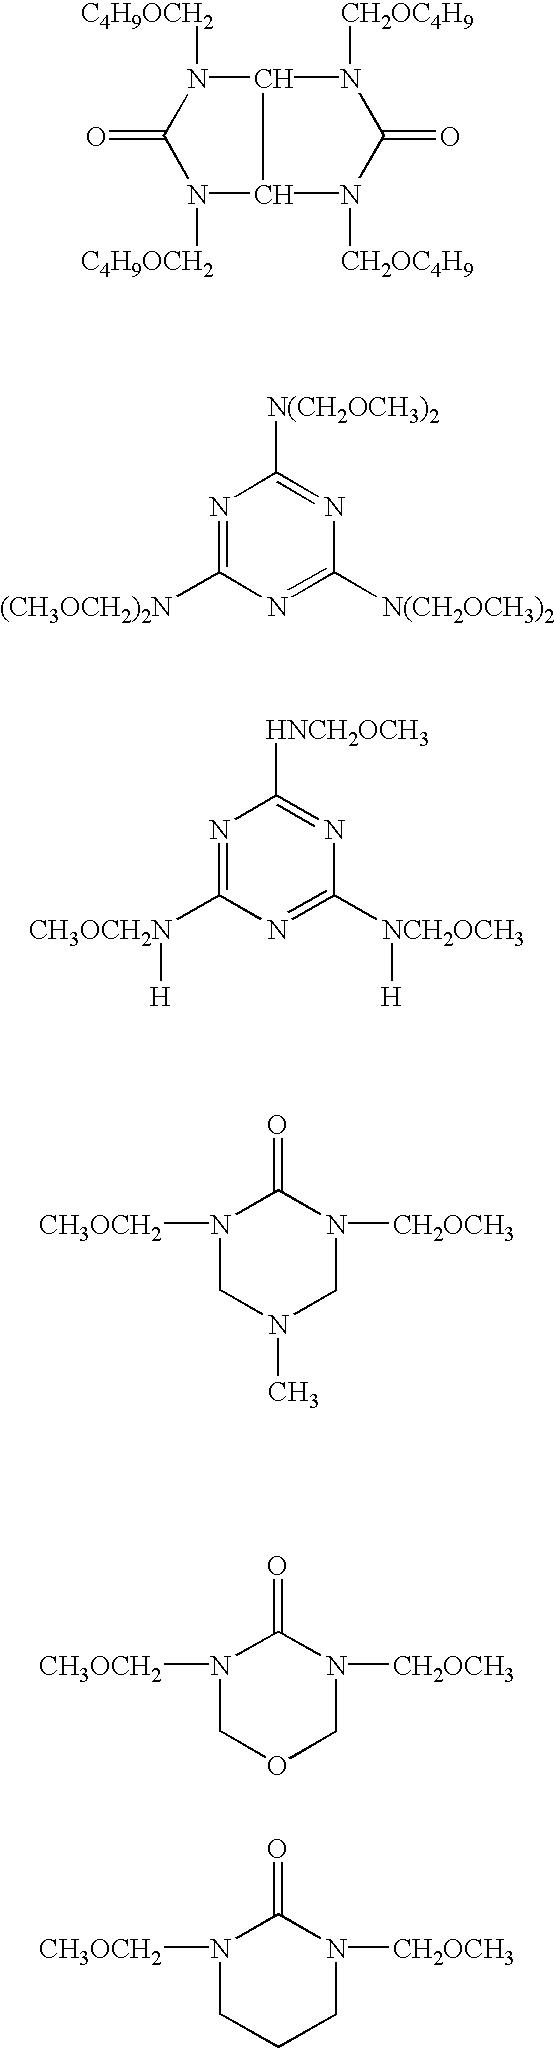 Figure US06610456-20030826-C00014